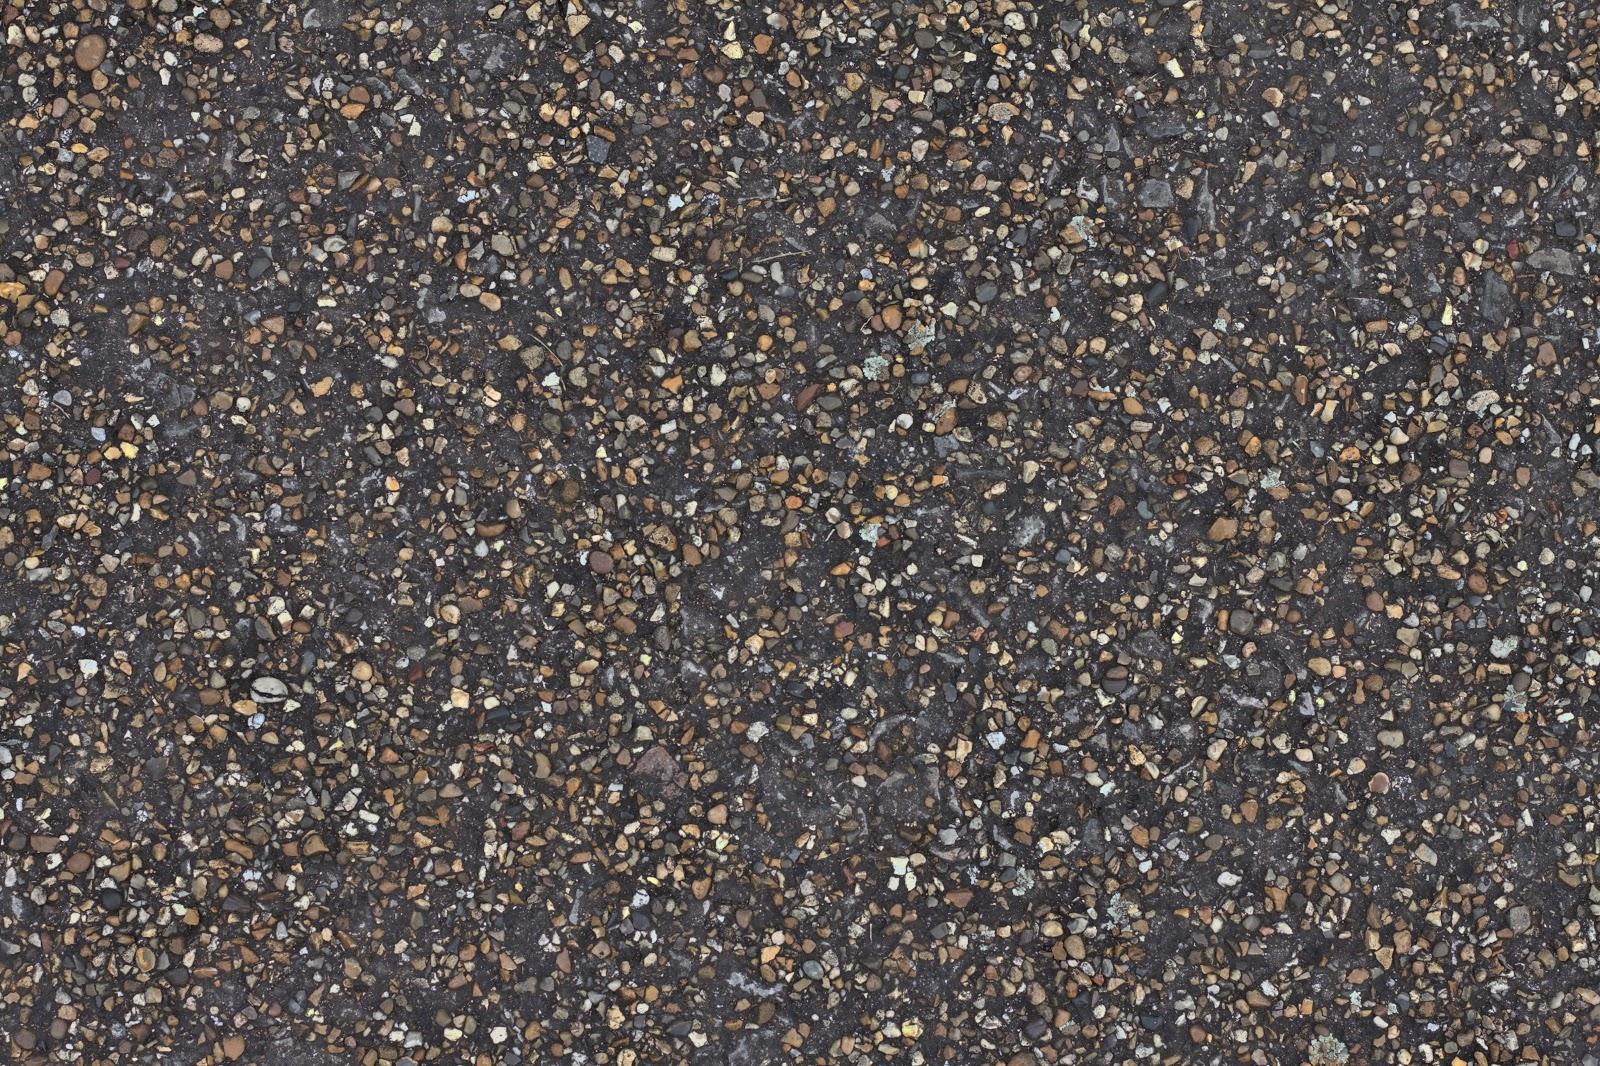 Concrete pebble stone walkway pathway texture ver 1